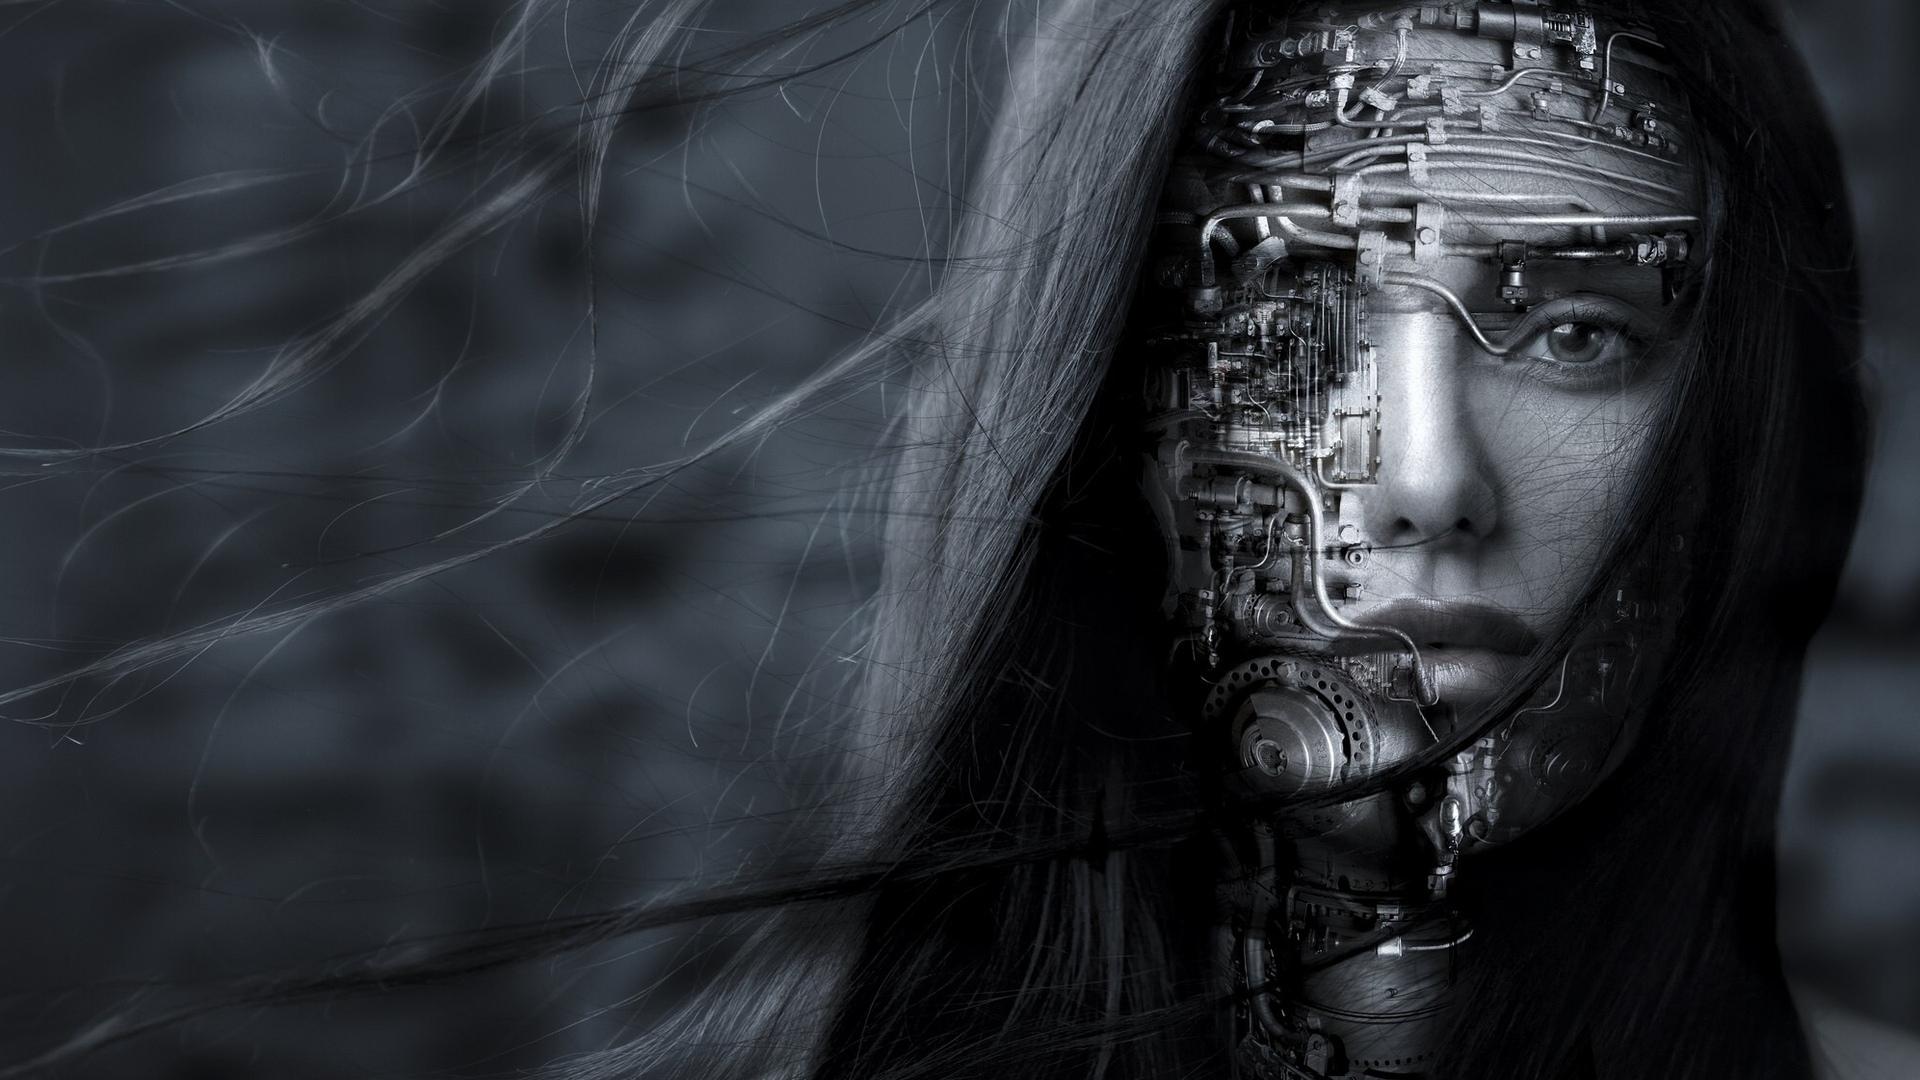 Cyberpunk Mask Background